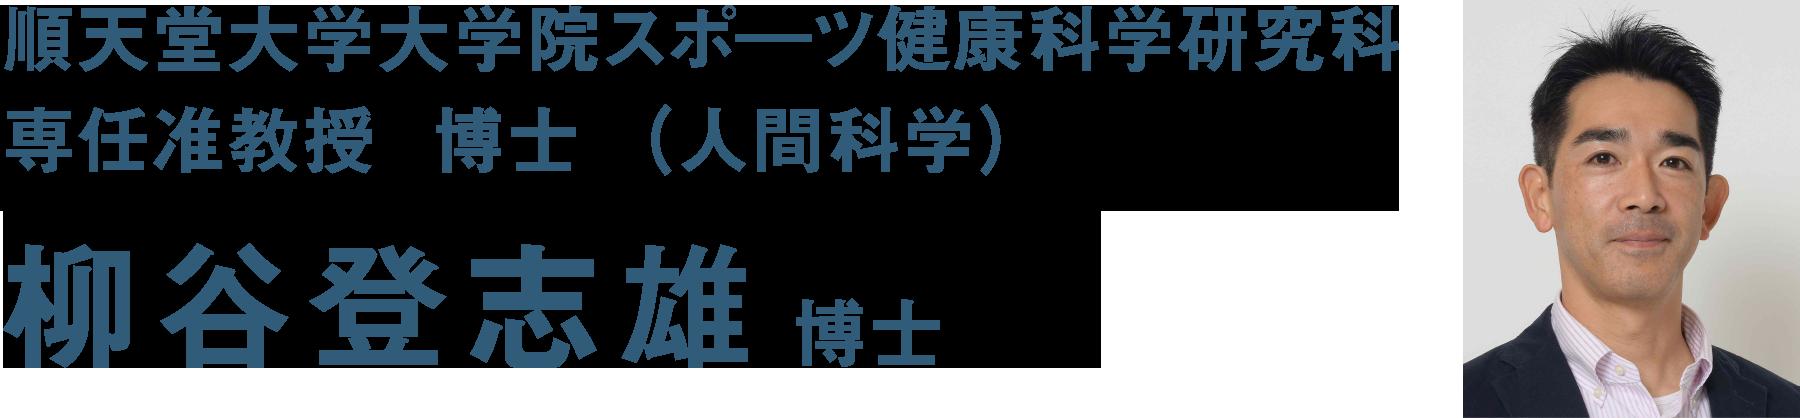 順天堂大学大学院スポ―ツ健康科学研究科専任准教授 博士(人間科学)柳谷登志雄博士